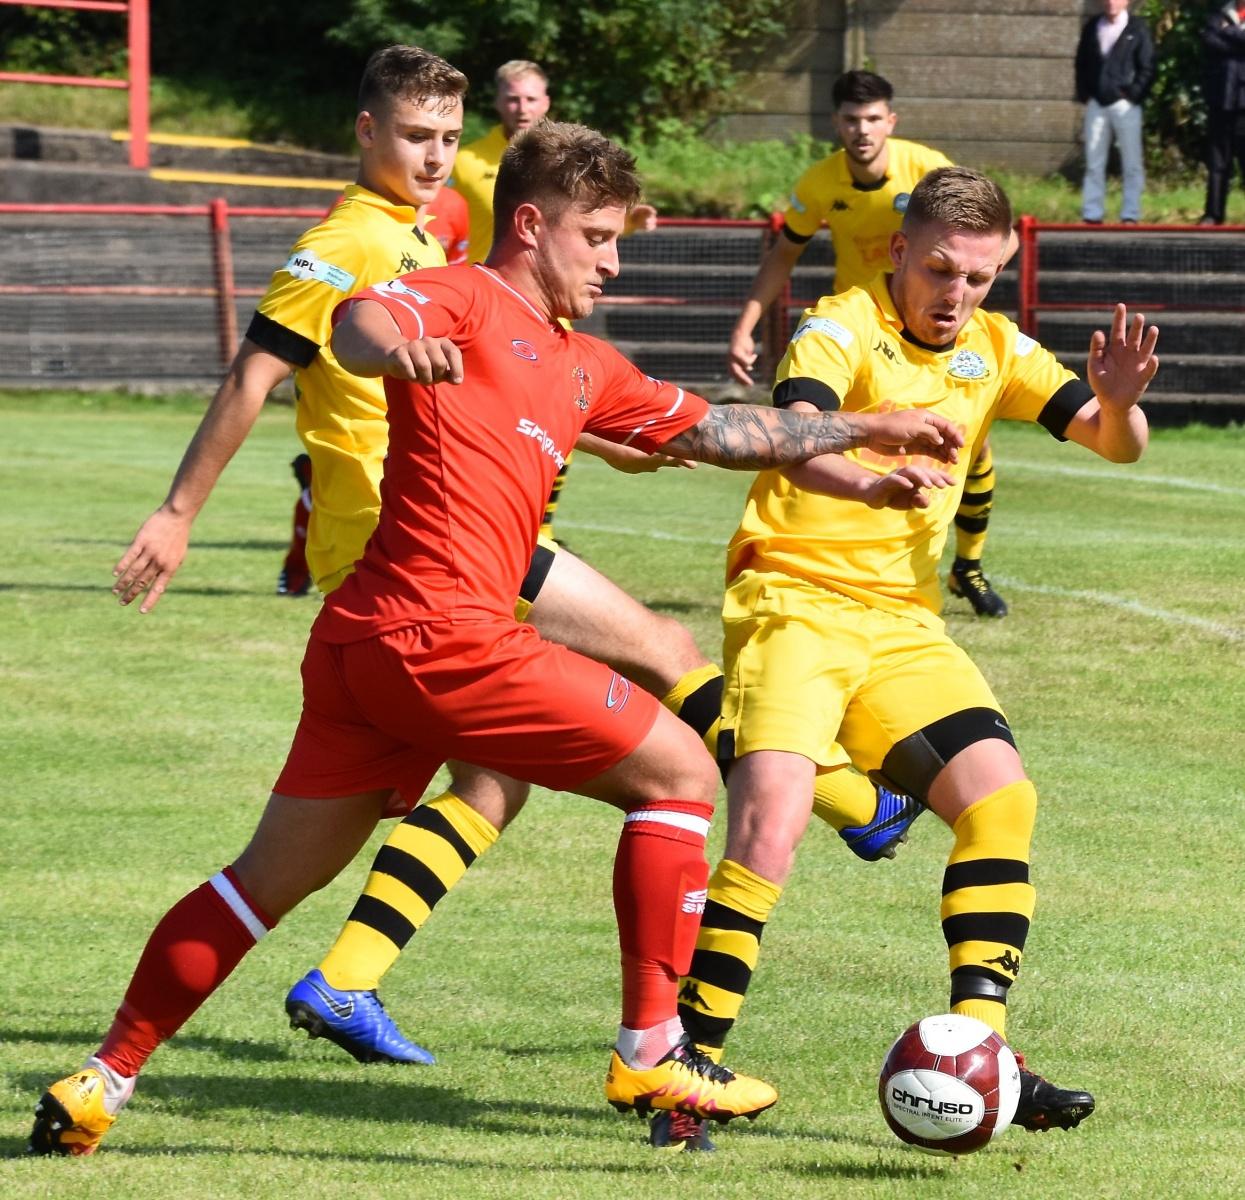 Workington-Reds-v-Pickering-Town-Ben-Challis-15